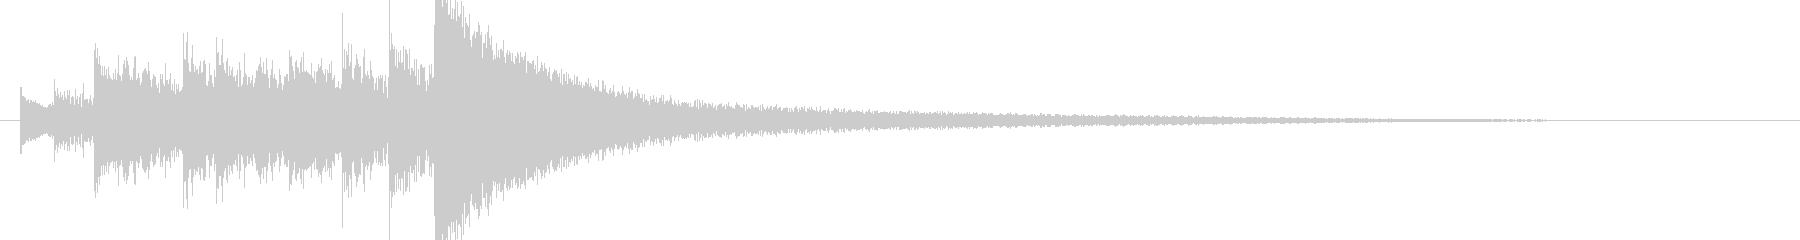 気味の悪い弦楽器の音(ツィターの音)の未再生の波形